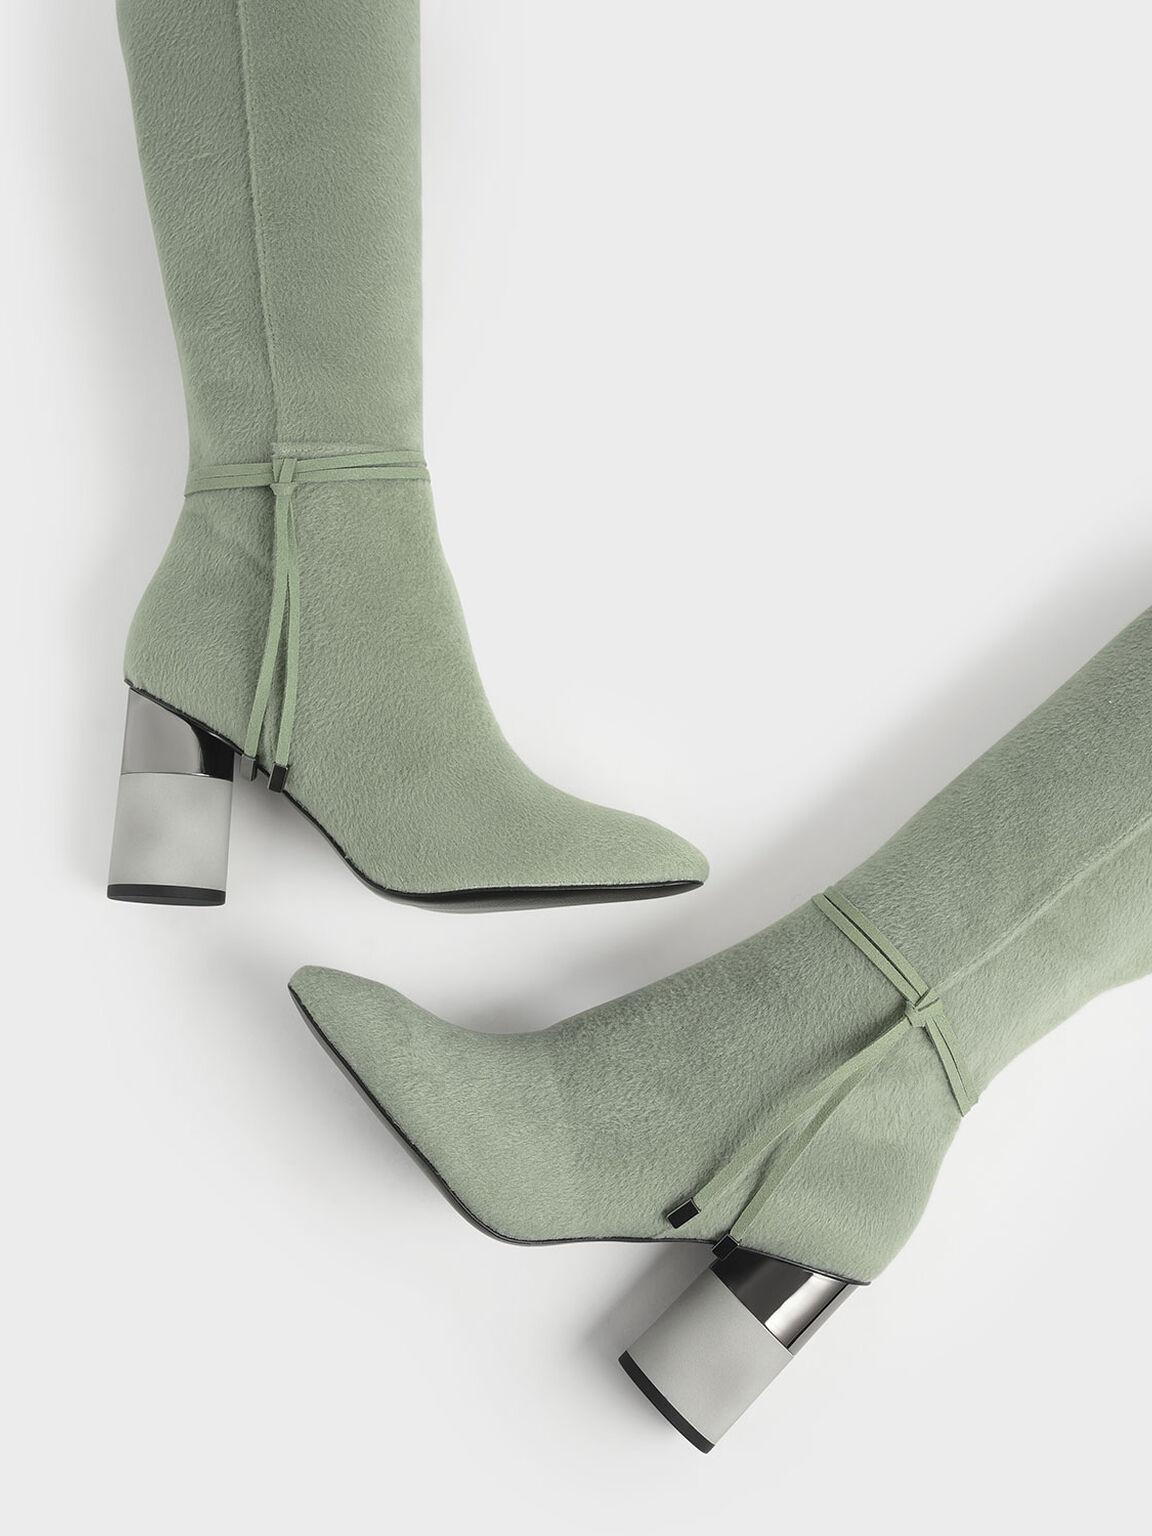 Concrete Heel Knee-High Boots, Sage Green, hi-res